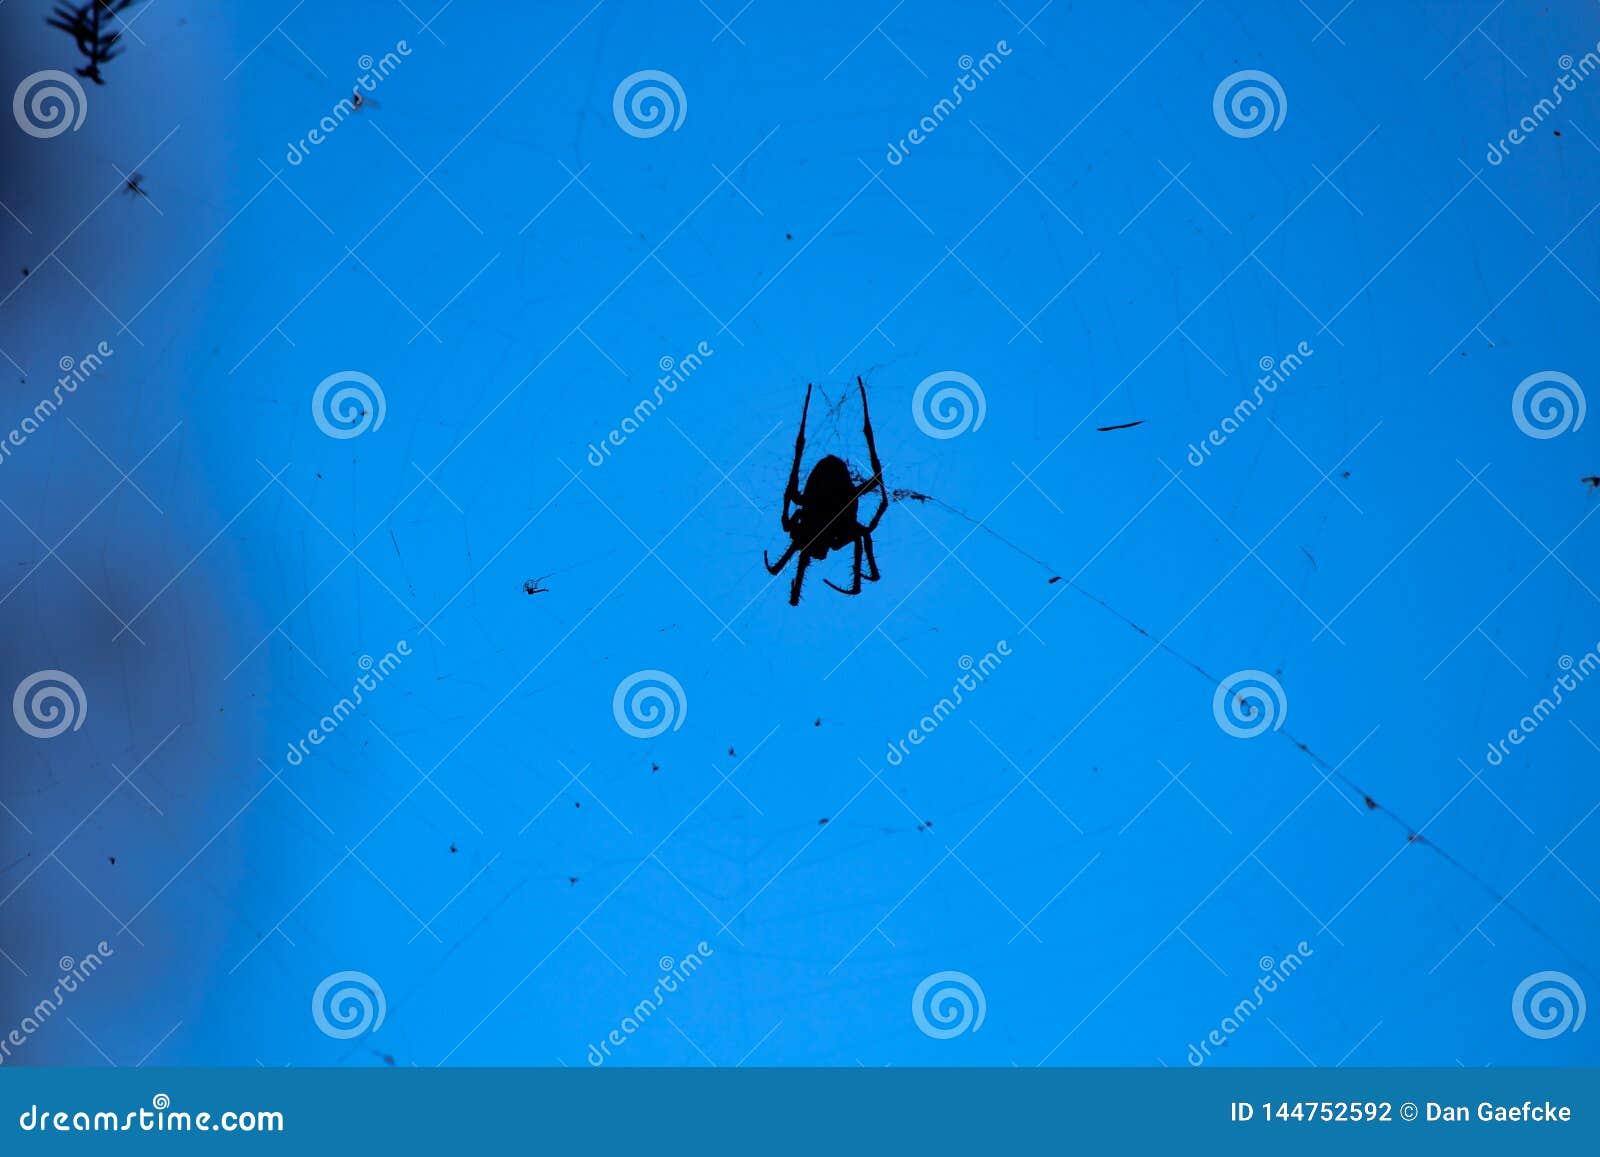 Araignée silhouettée tournant un Web